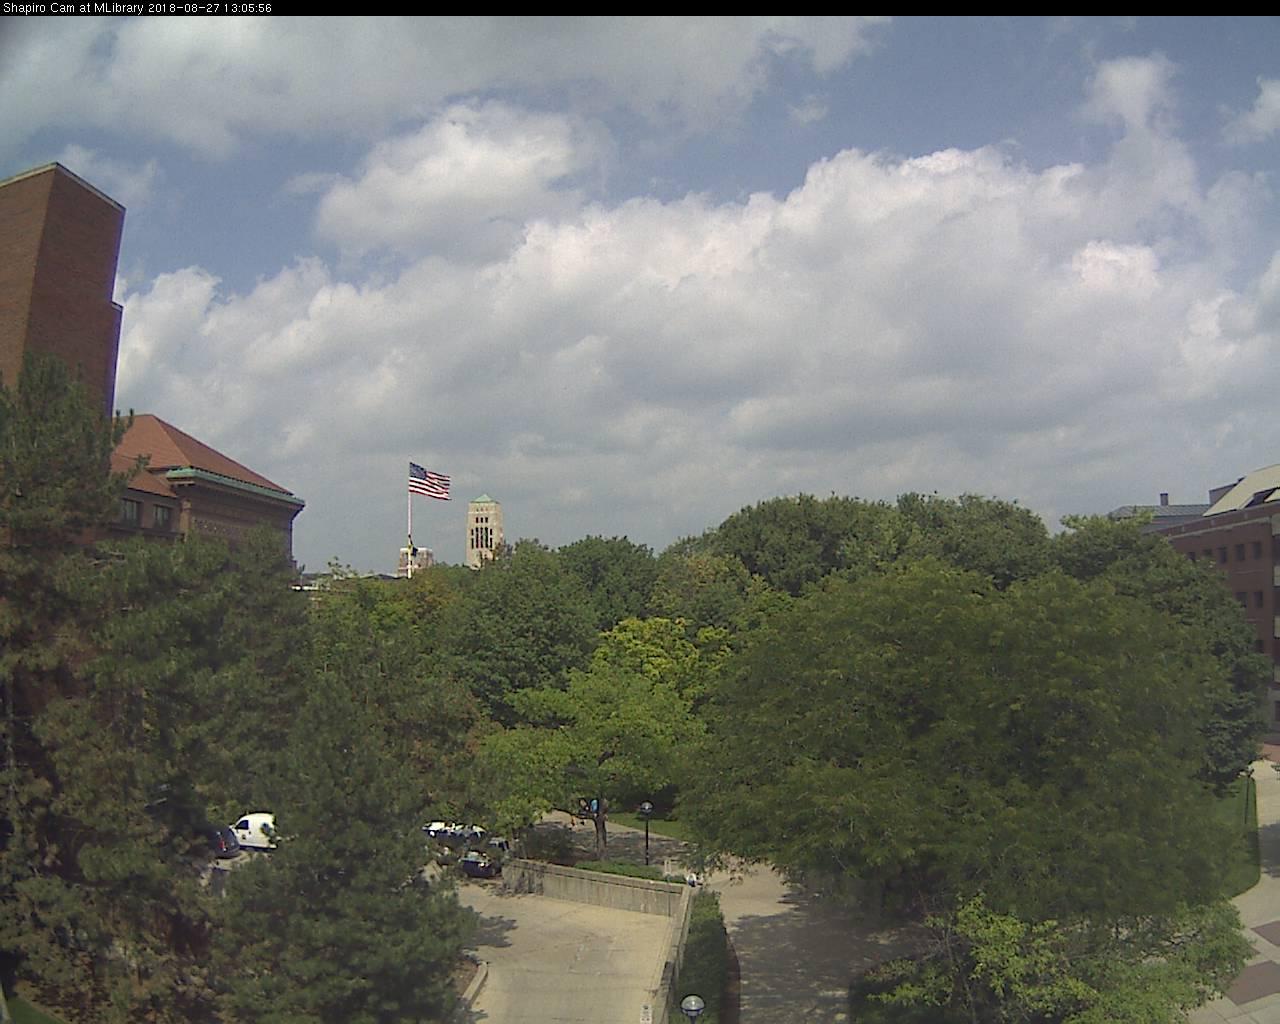 University of Michigan - Shapiro Library Cam